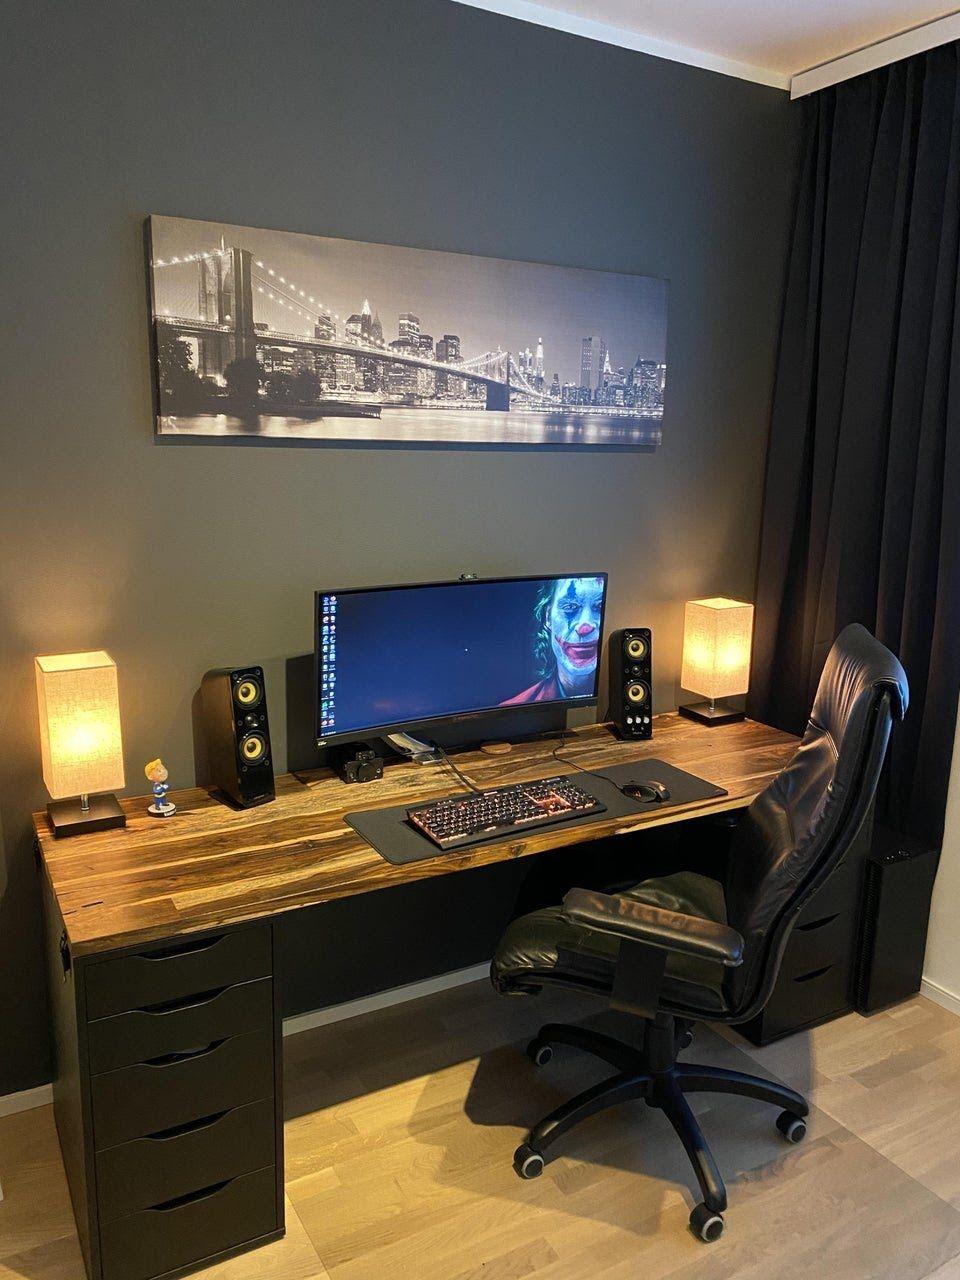 Reddit Battlestations My Setup So Far In 2020 Home Office Setup Office Setup Home Office Design